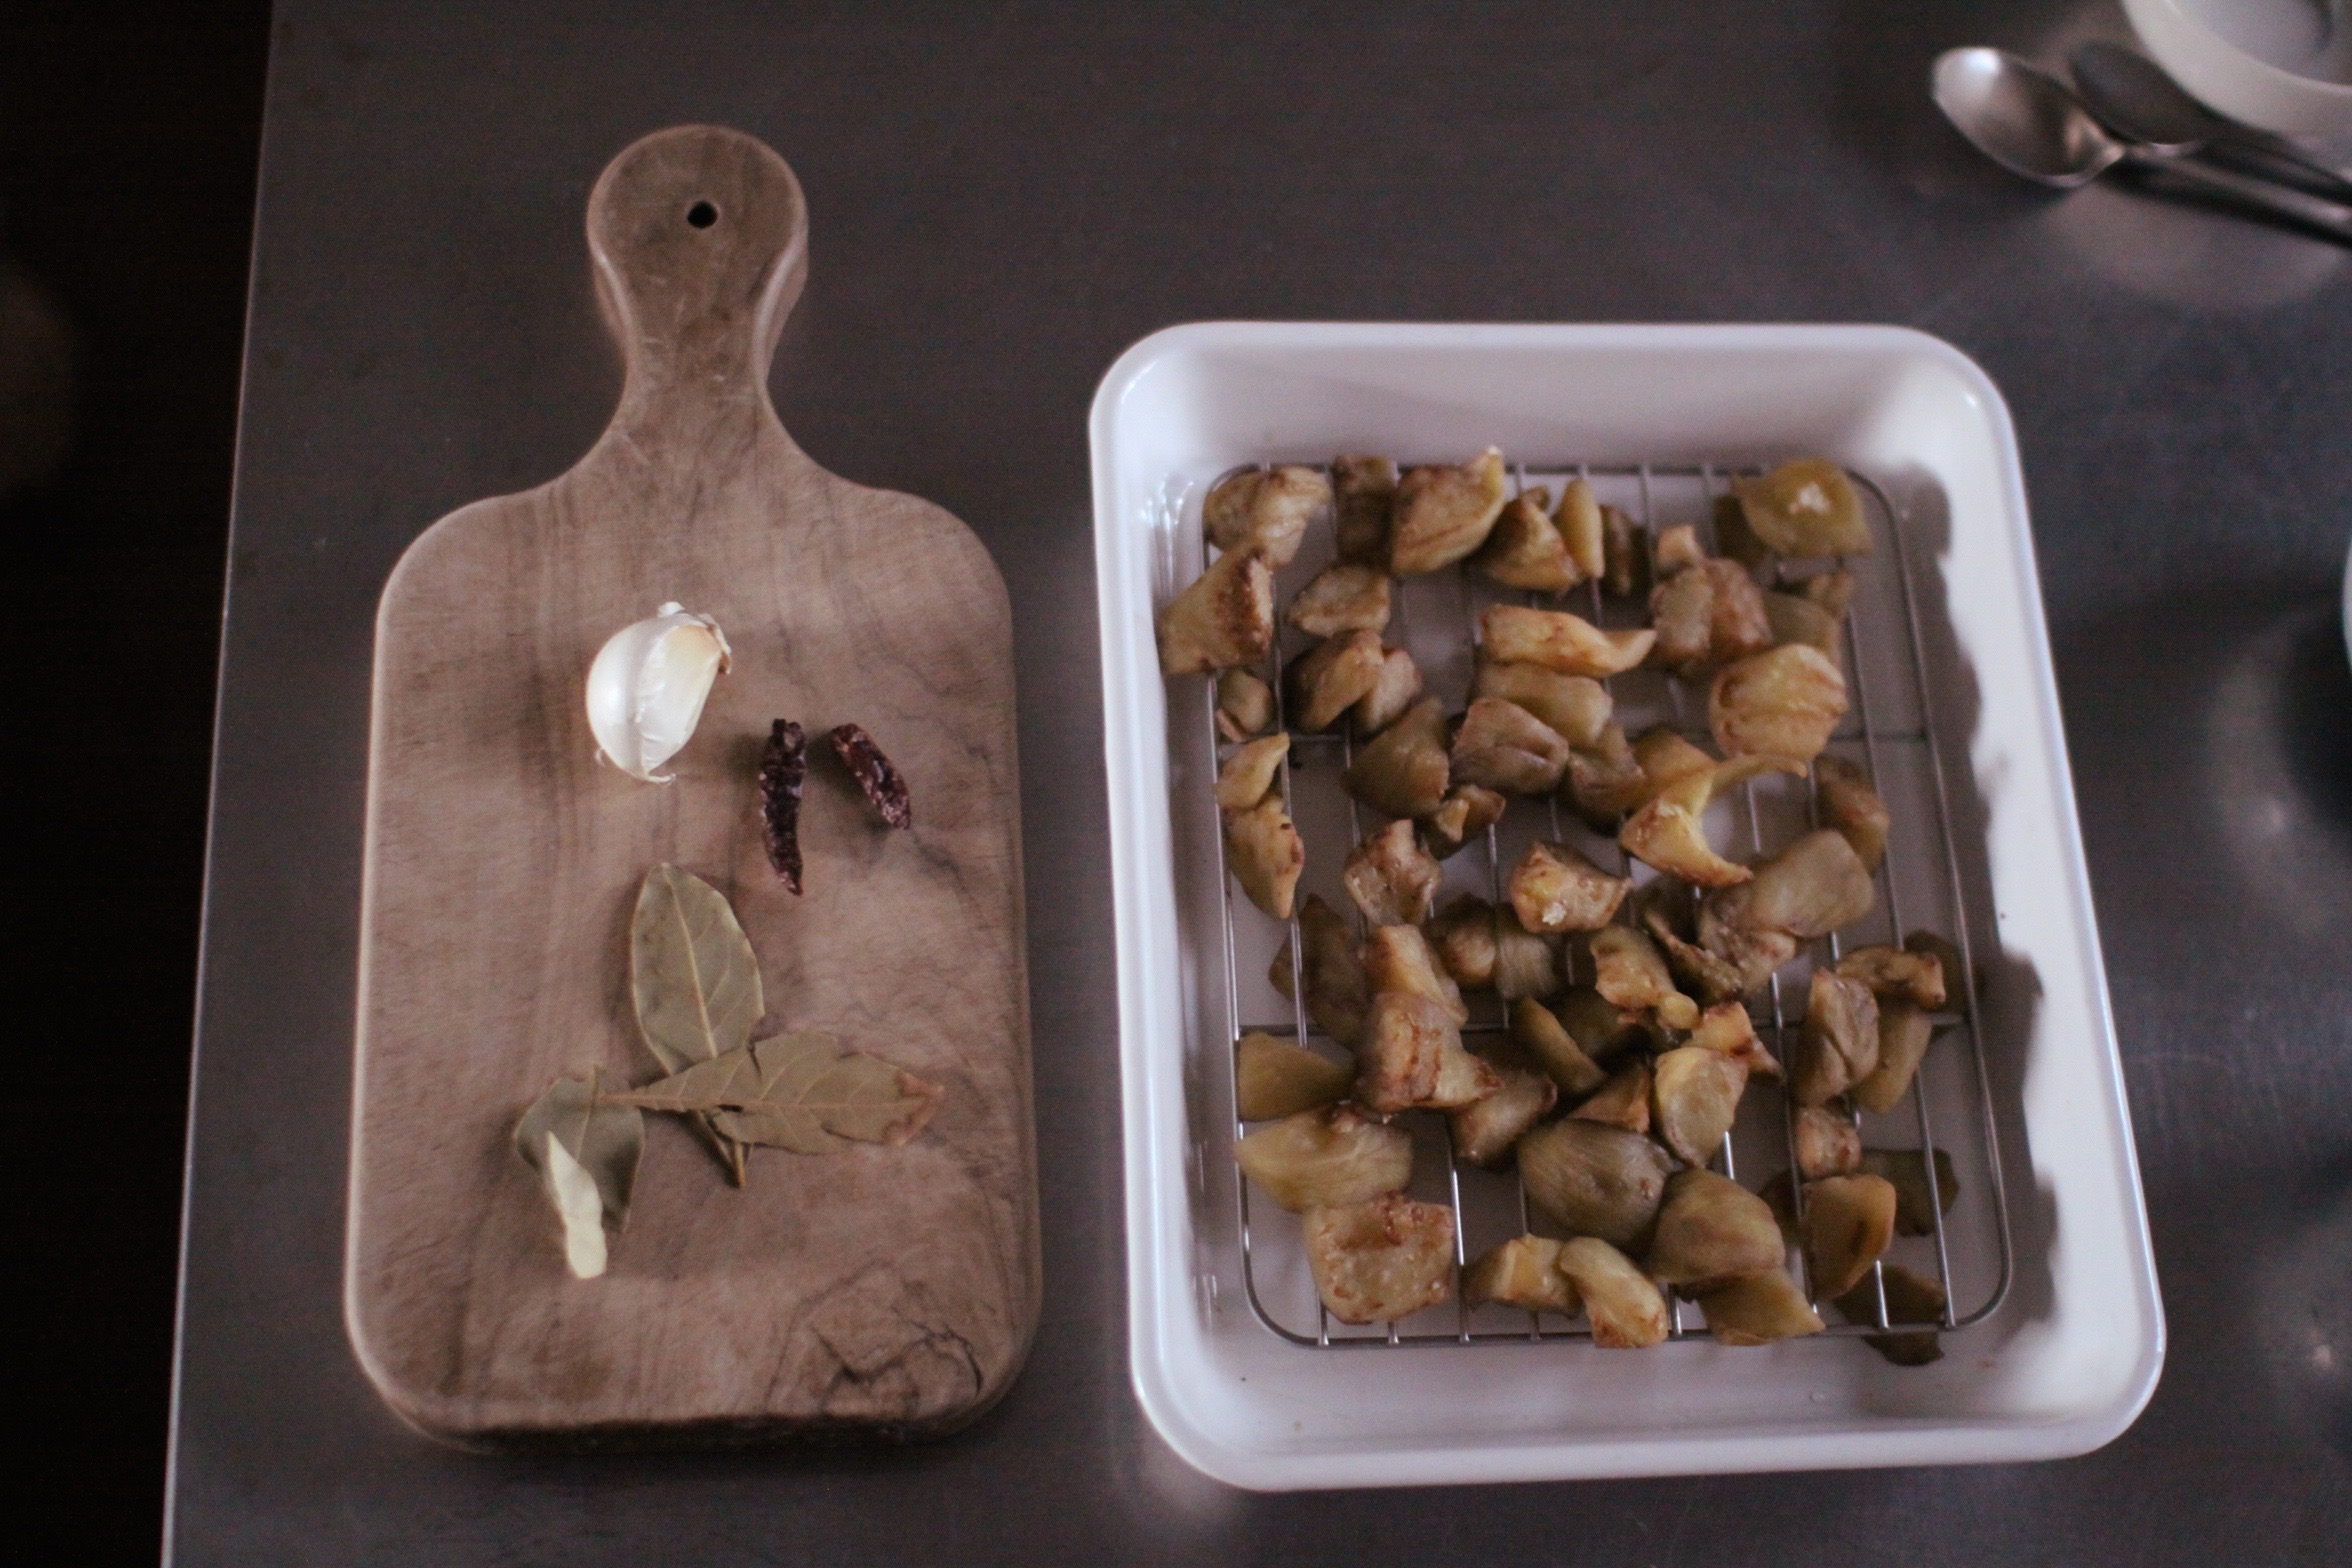 ナスのピクルス 準備中 Ingredients for Calabrian-style eggplant pickles (melanzane sott'olio)